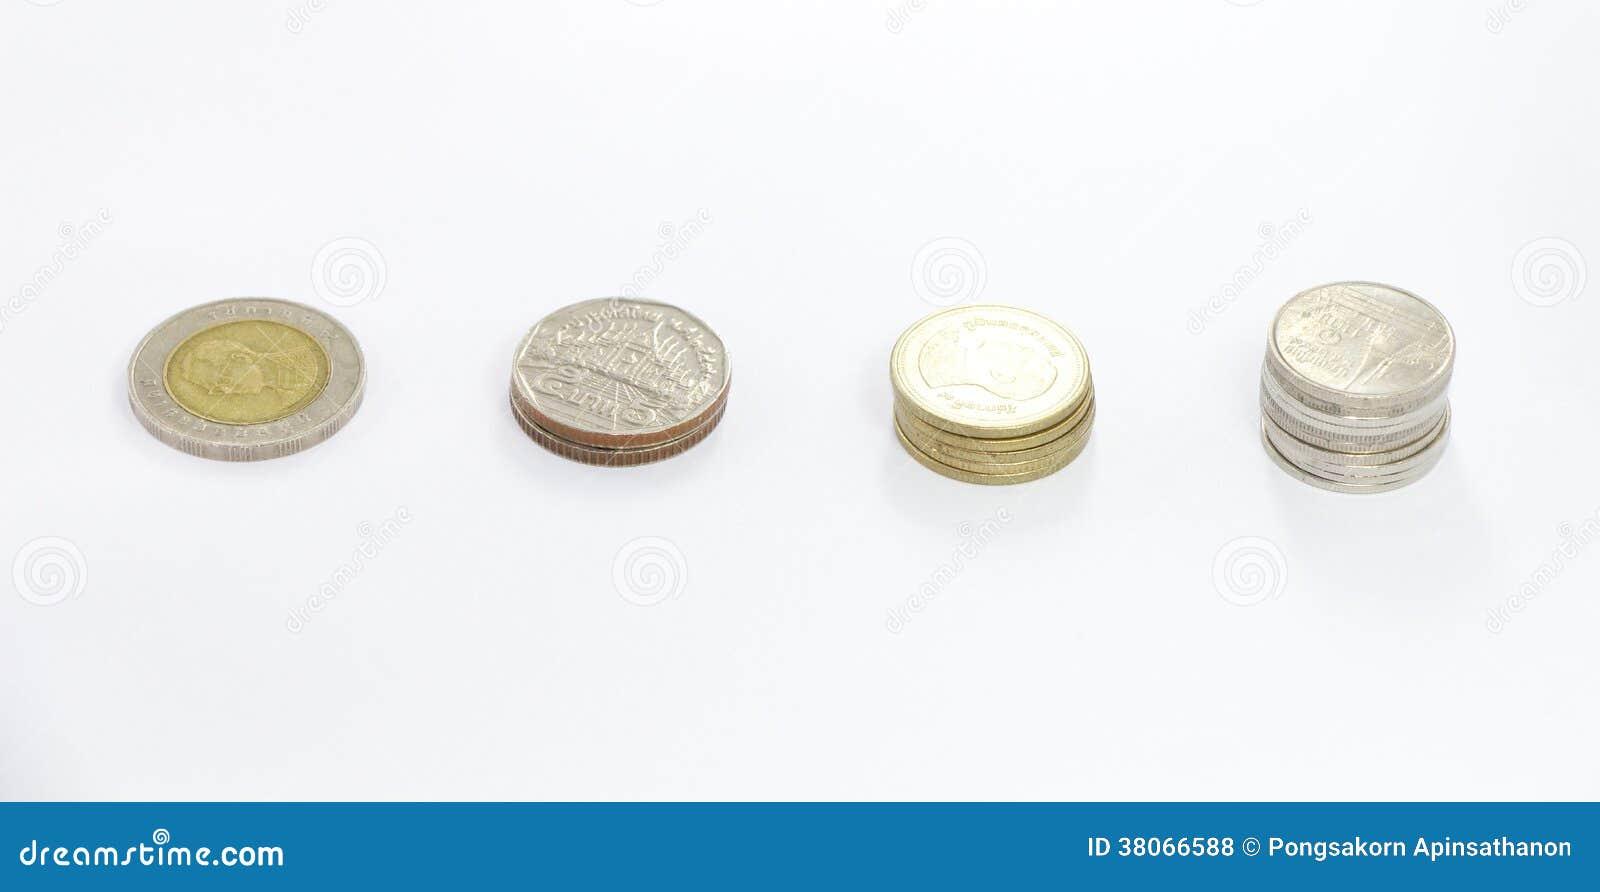 Spalte Der Münze Des Thailändischen Baht In Einem 10 Baht Wert